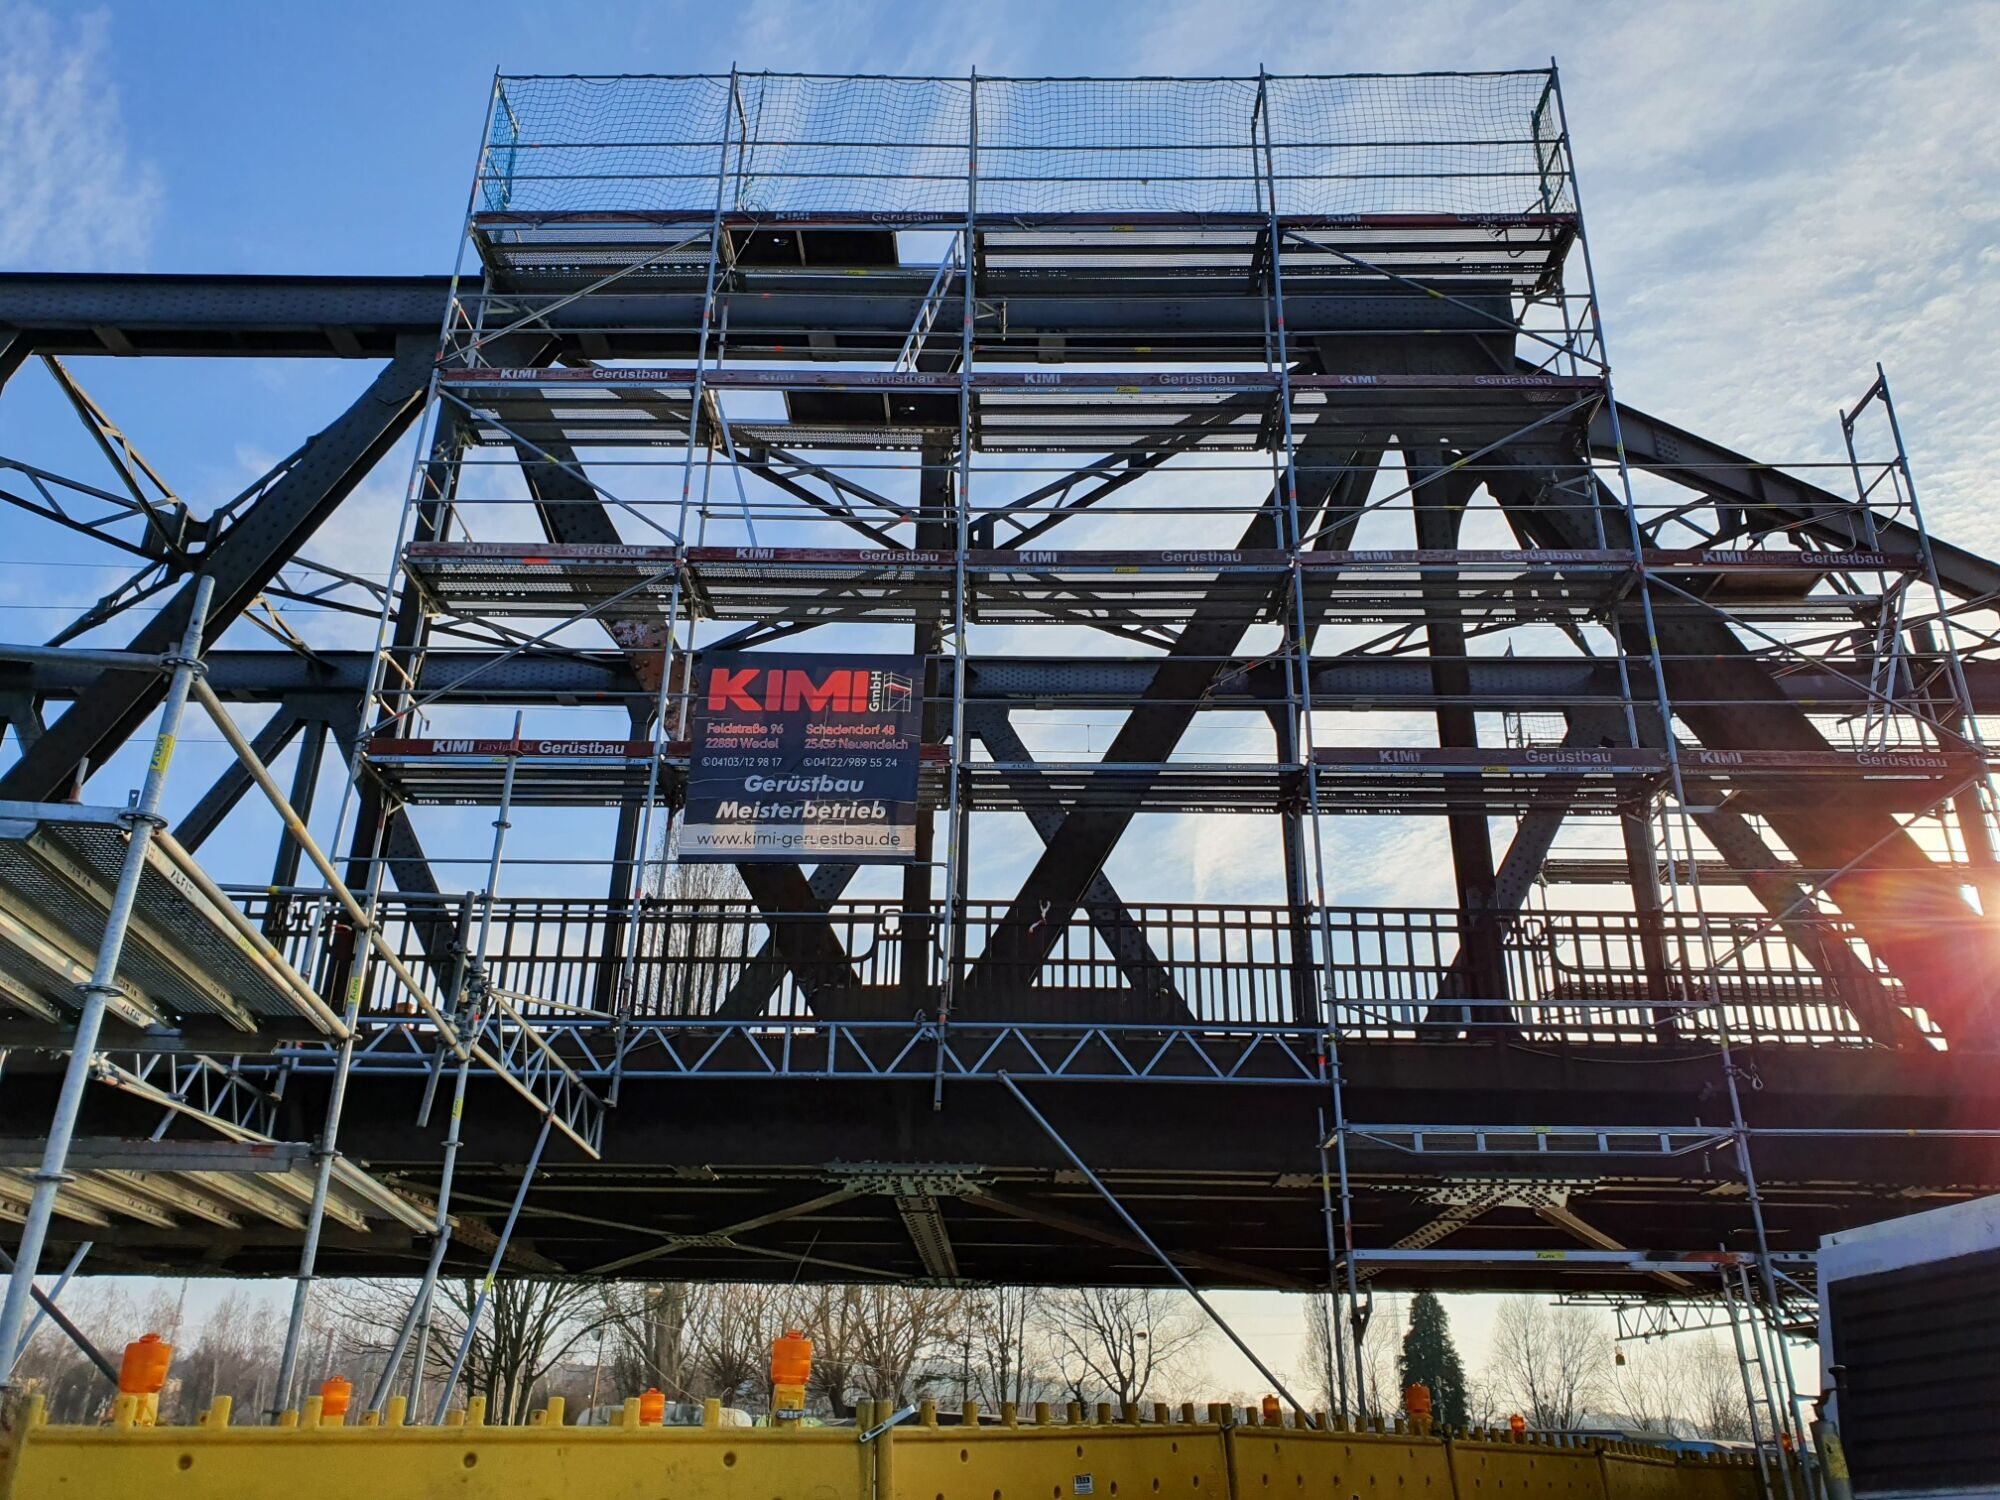 Kimi-Geruestbau-Trockenbau-Fassadengeruest-Wedel-Uetersen-Hamburg-Stahlbau-Schroeder-Bild-1